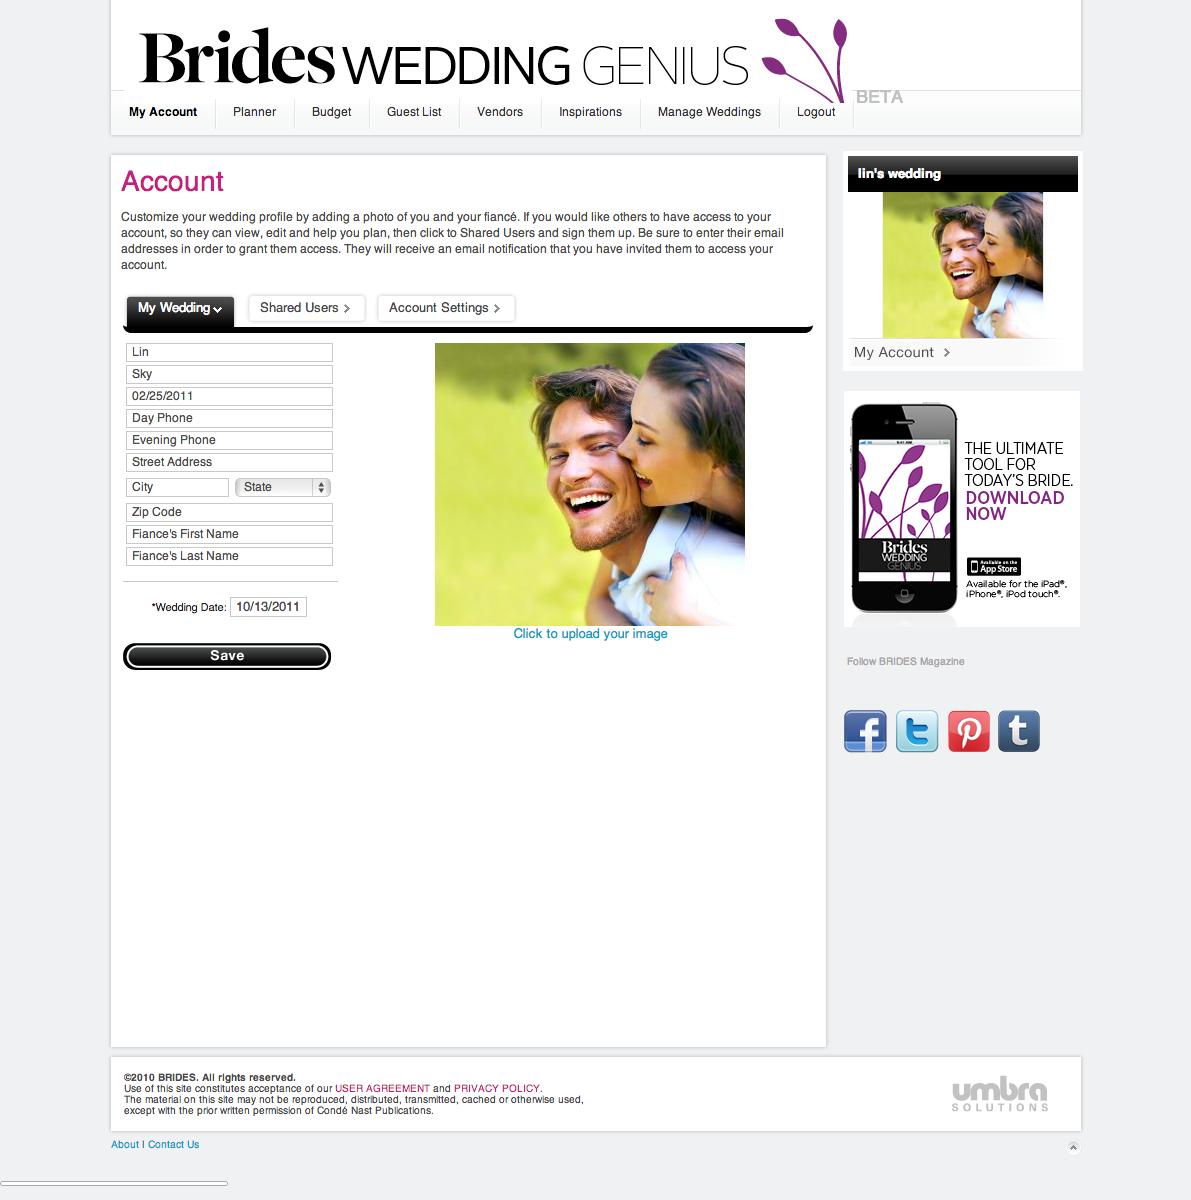 Brides+Wedding+Genius+-+My+Account2